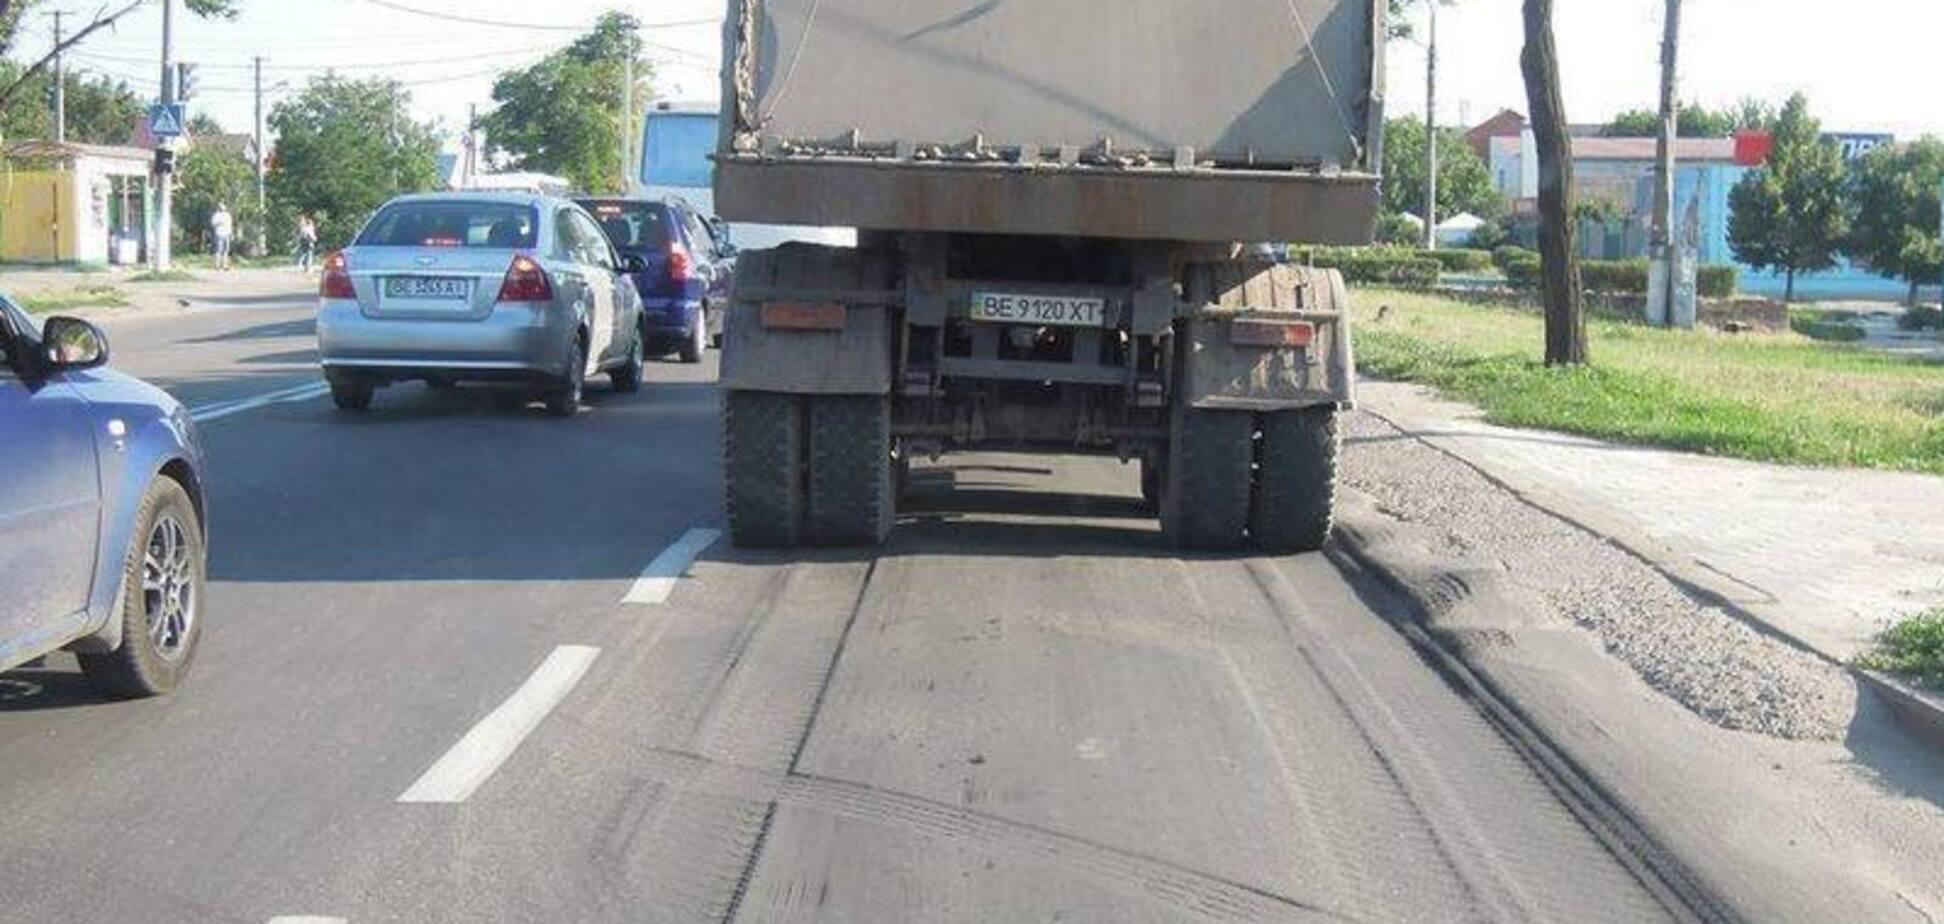 Как в Европе: в Украине будут брать плату за езду на грузовике